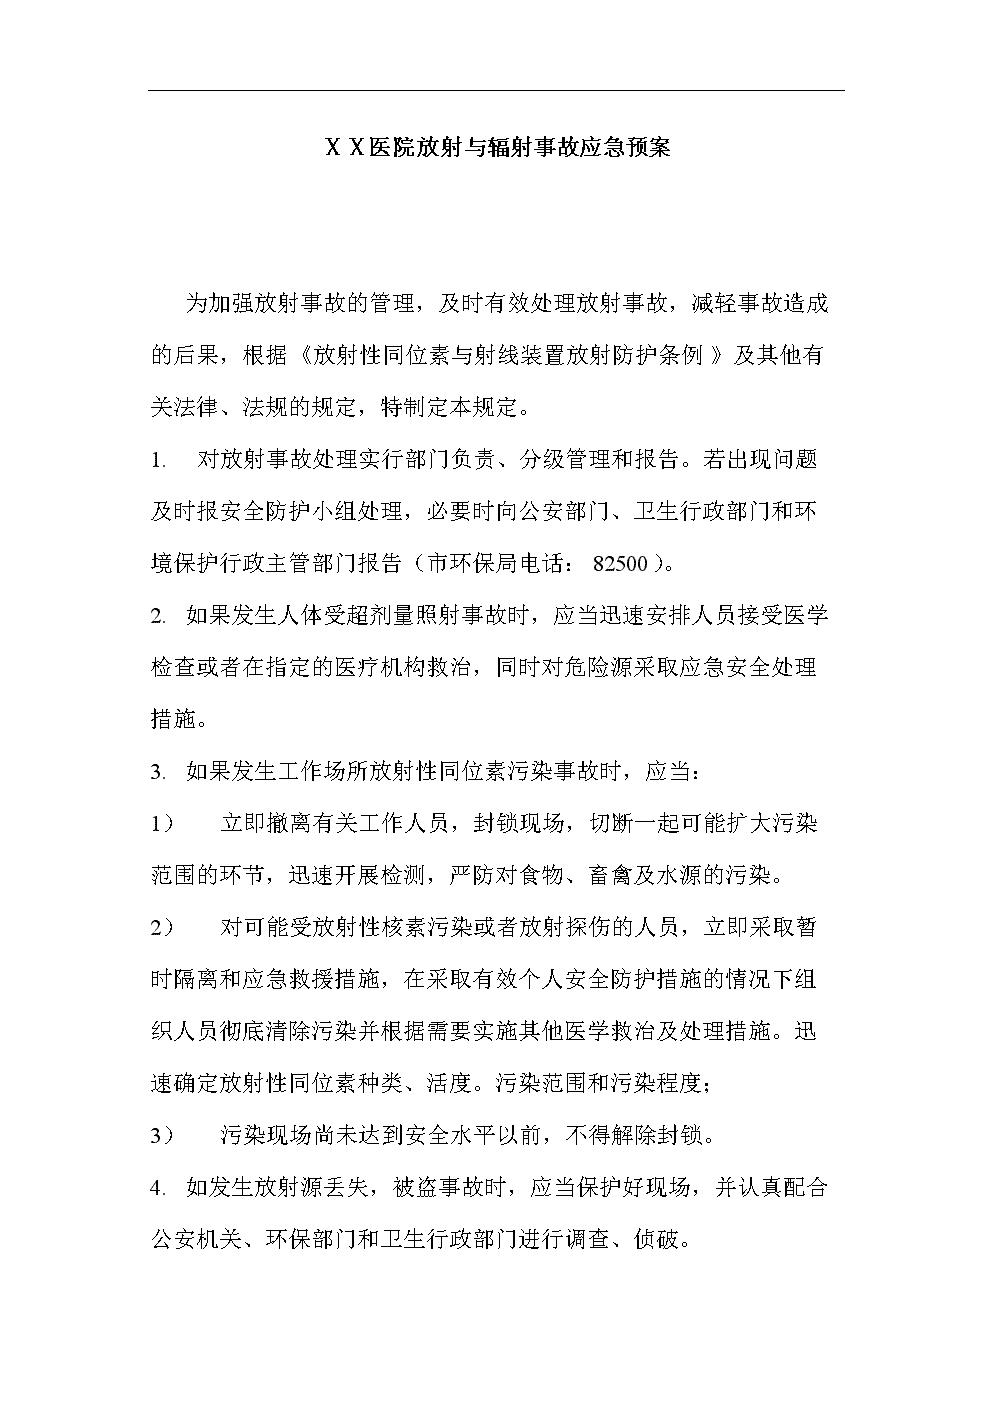 医院放射与辐射事故应急预案.doc